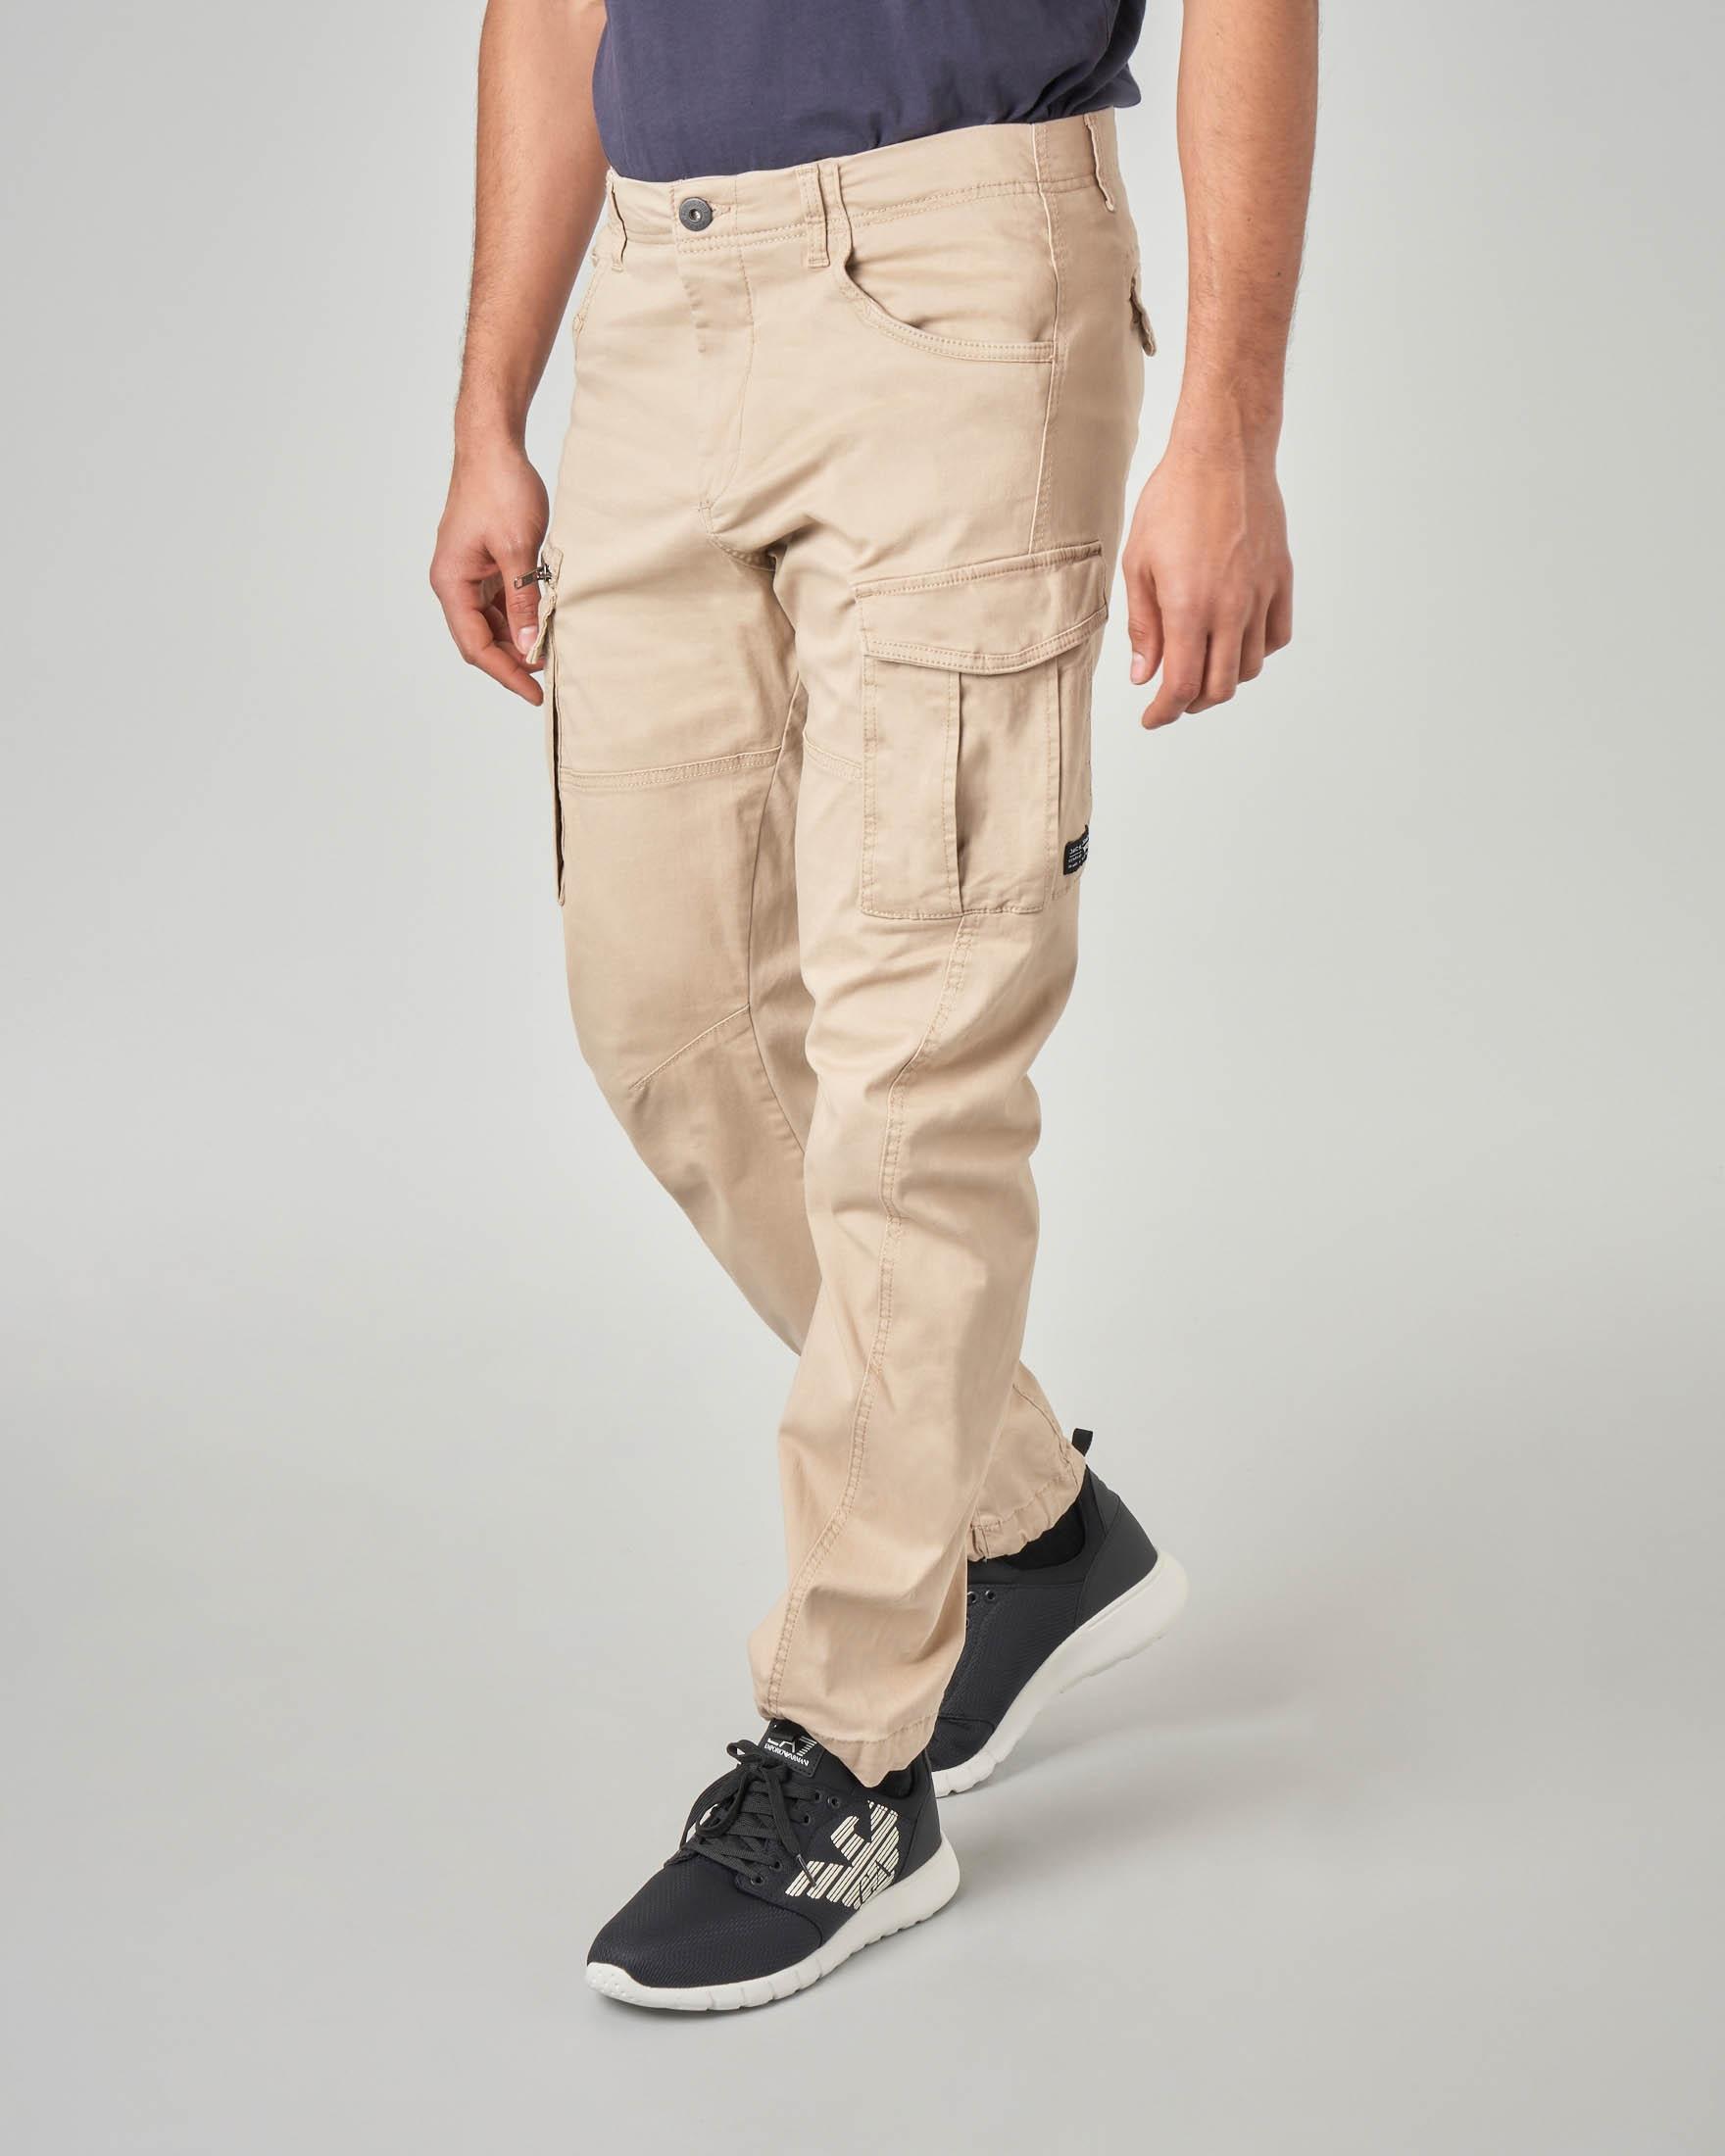 Pantaloni cargo color sabbia | Pellizzari E commerce